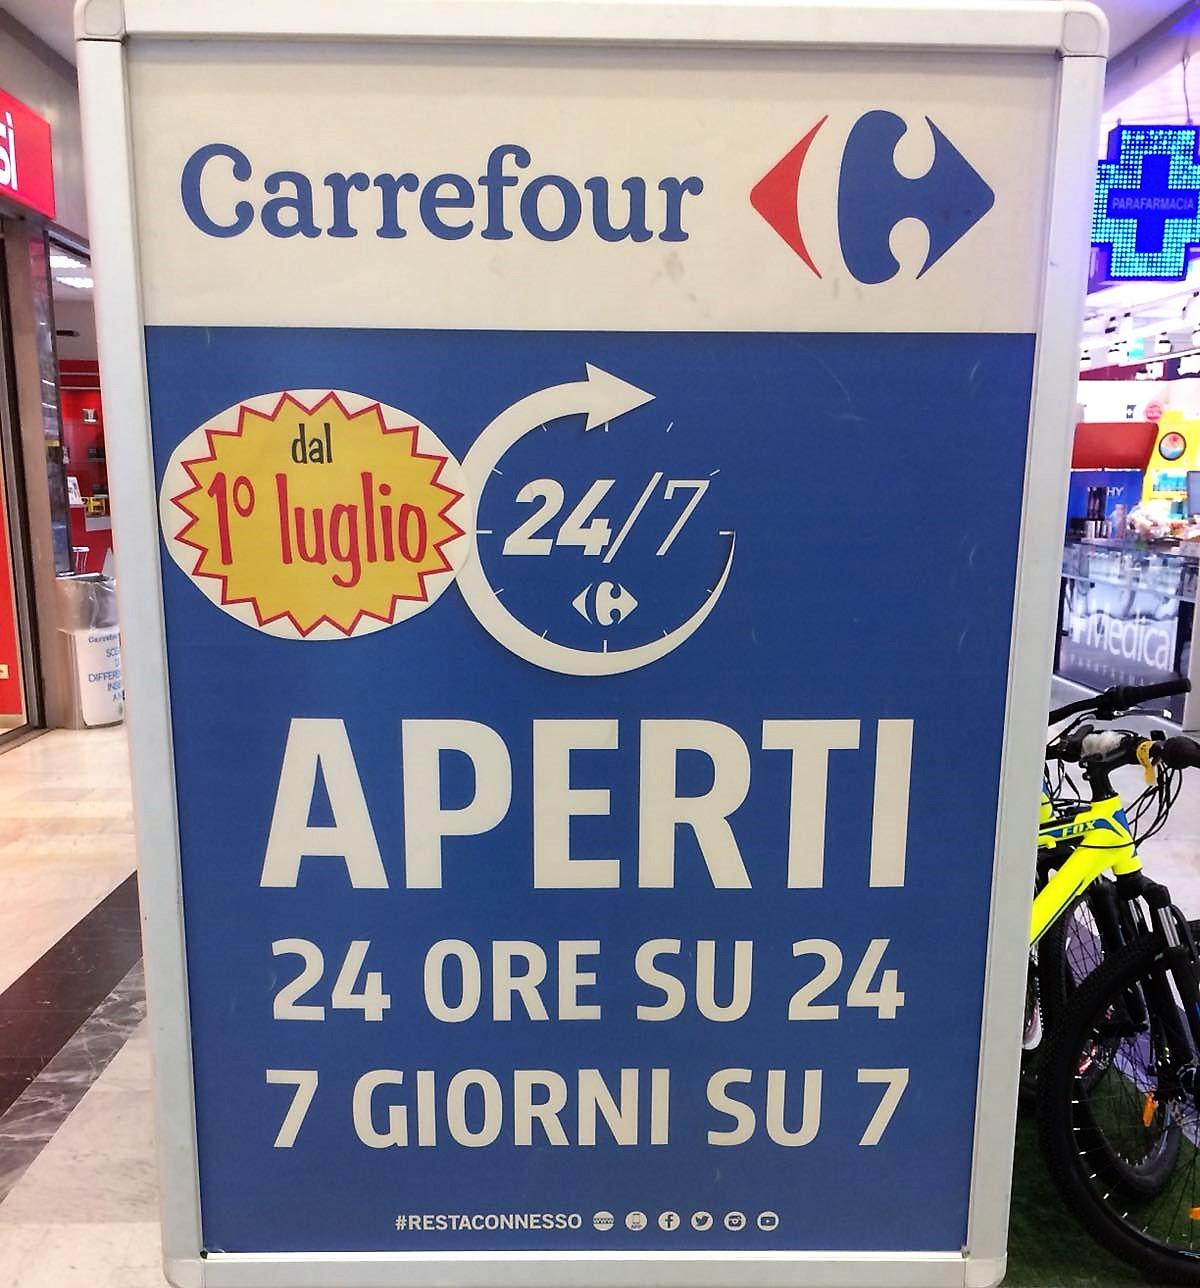 Carrefour h24 da oggi aperto senza interruzioni l for Orari apertura bricoman cagliari